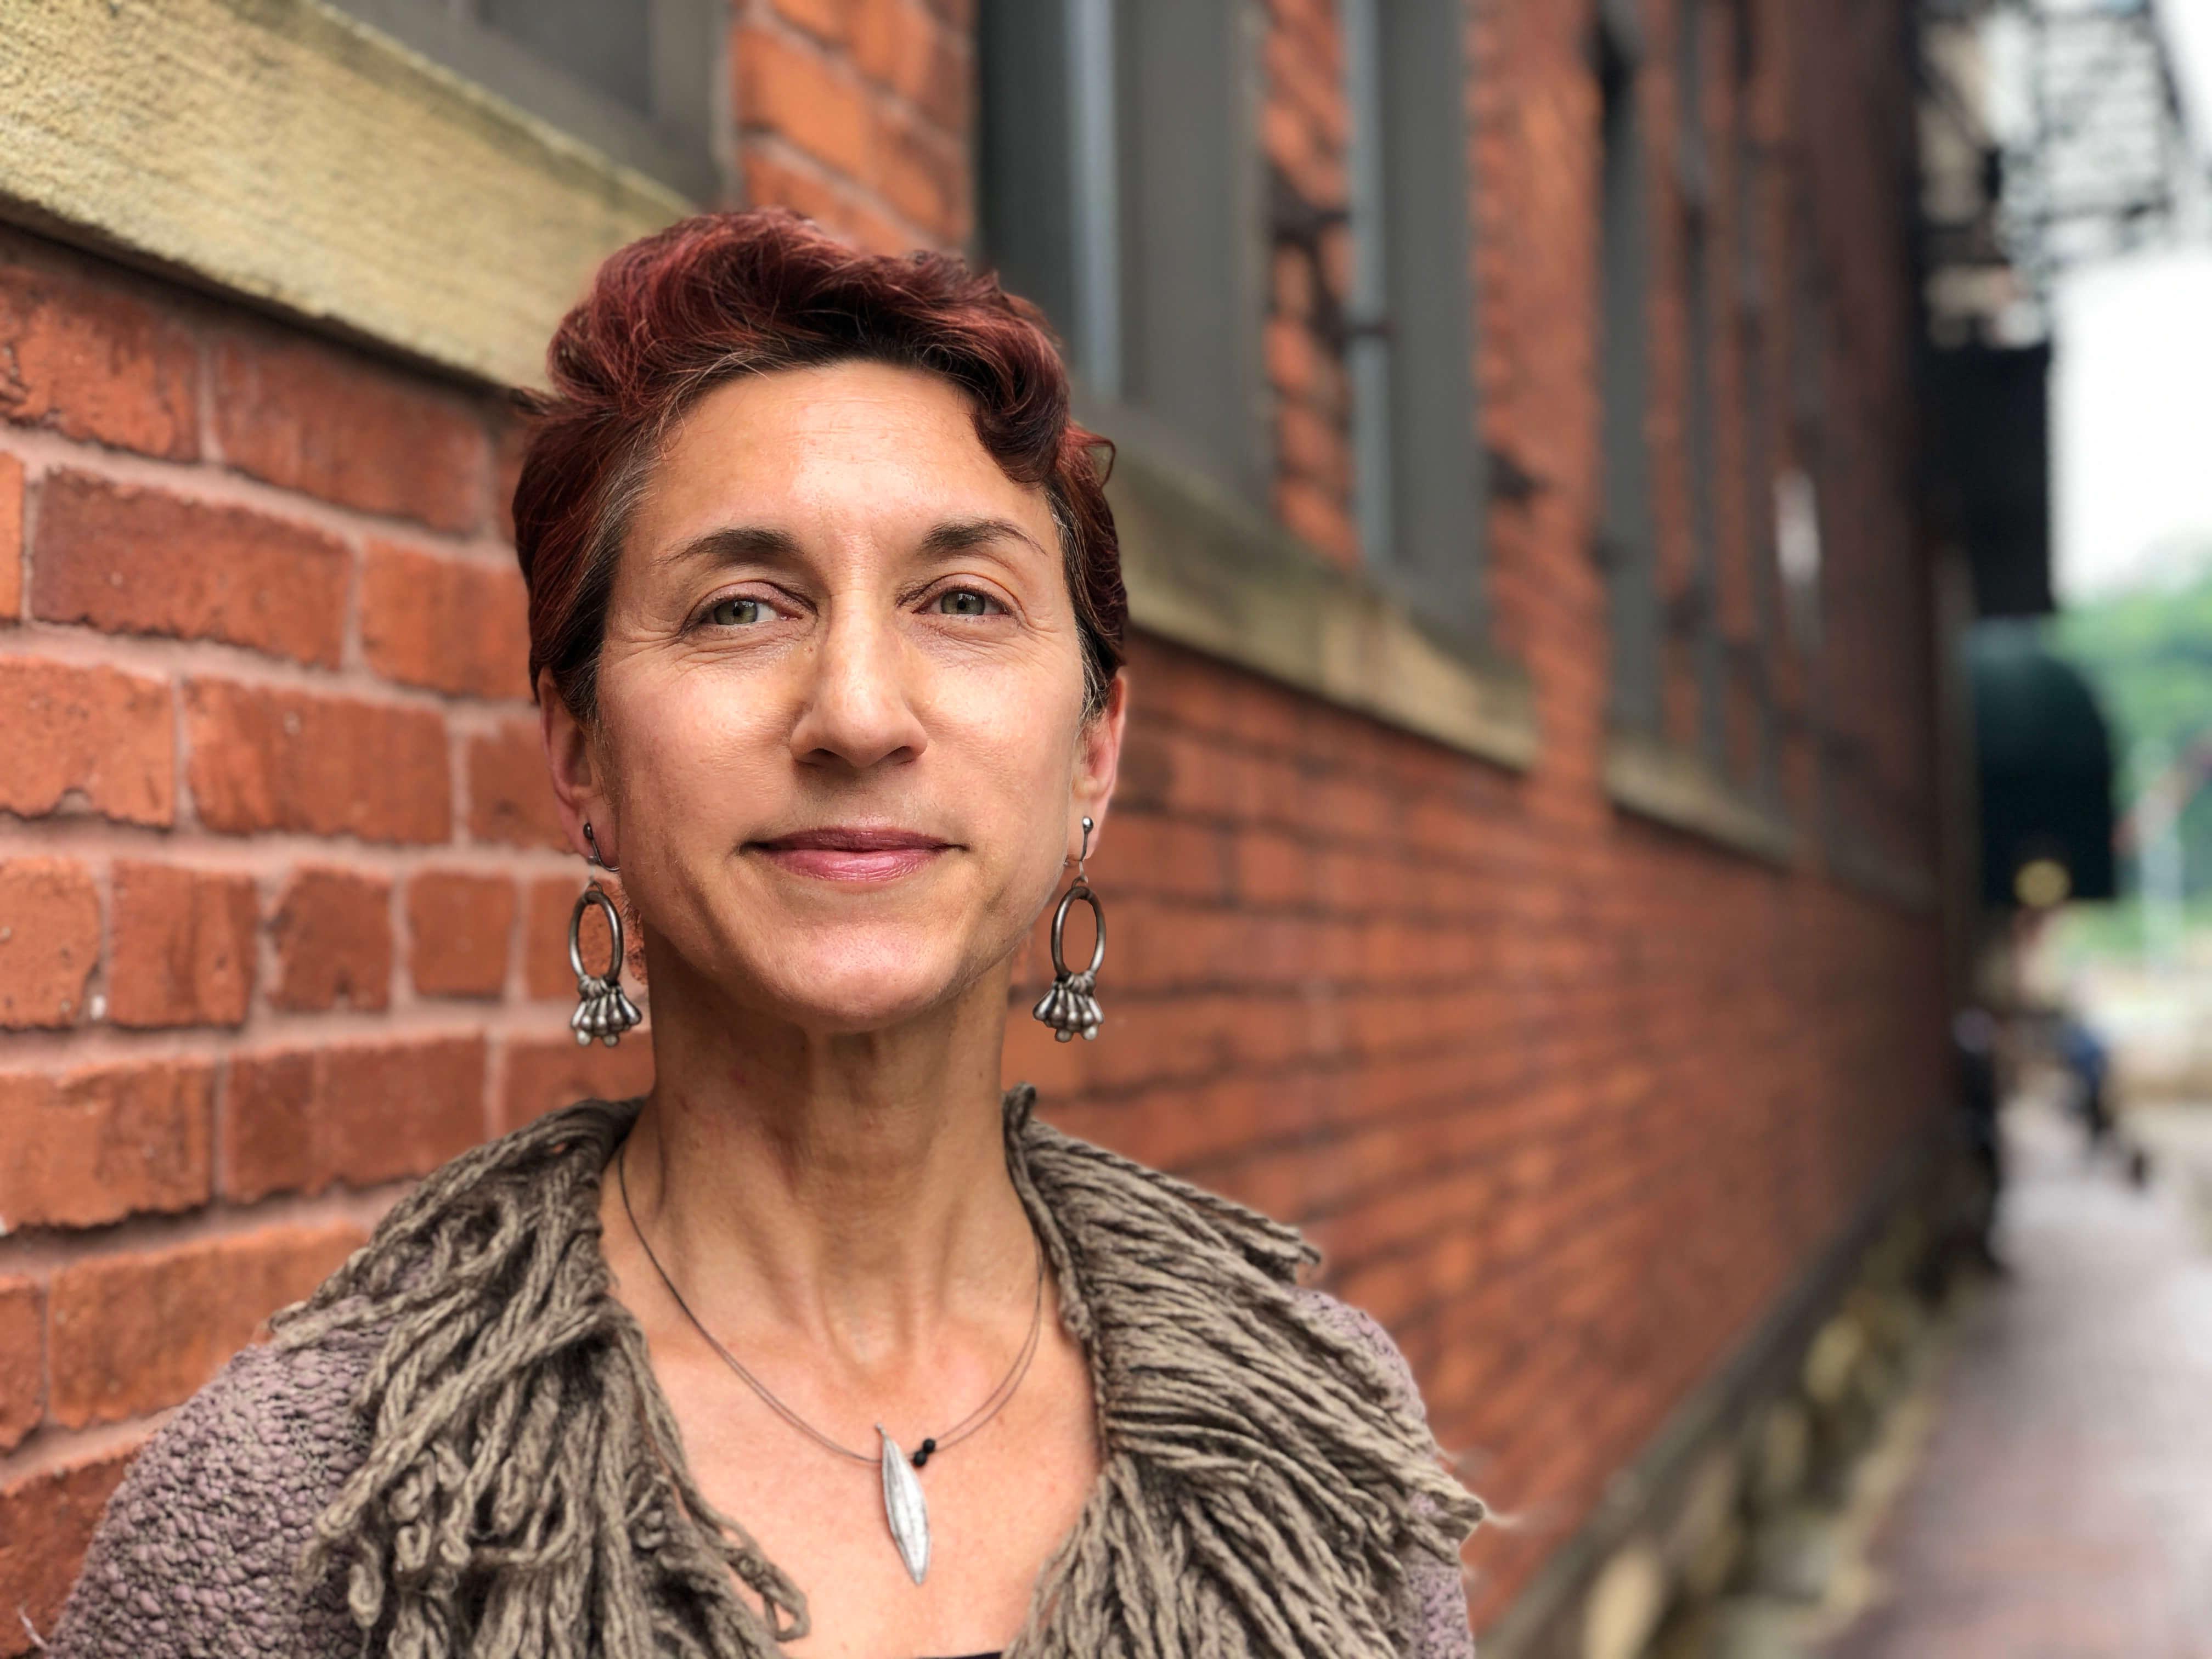 Susan Englert